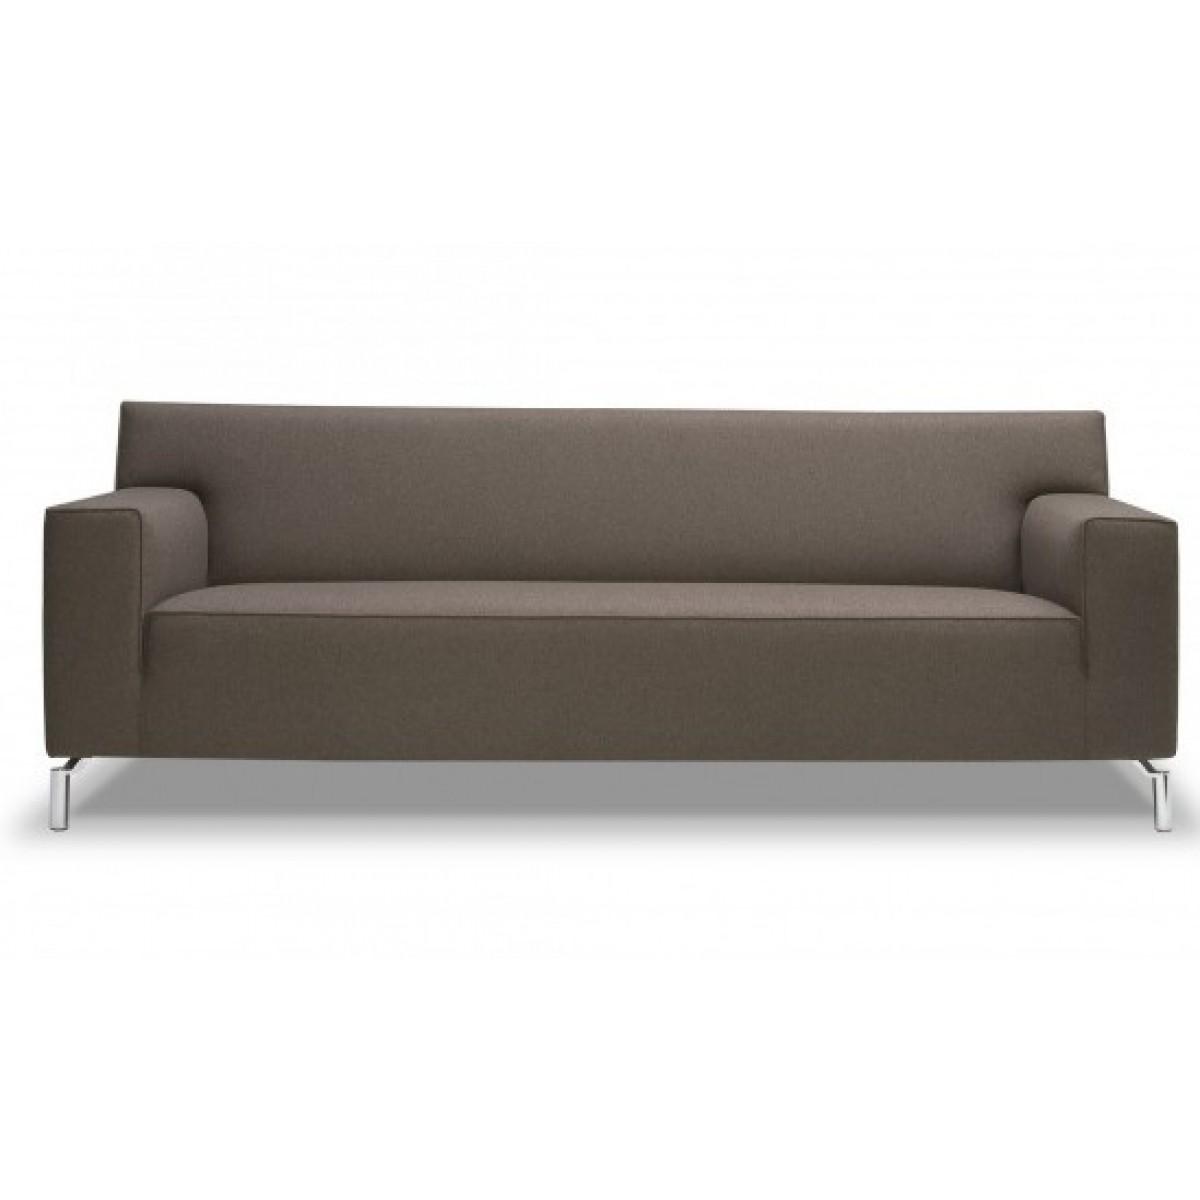 suze-bank-jame-meubelen-design-stof-leer